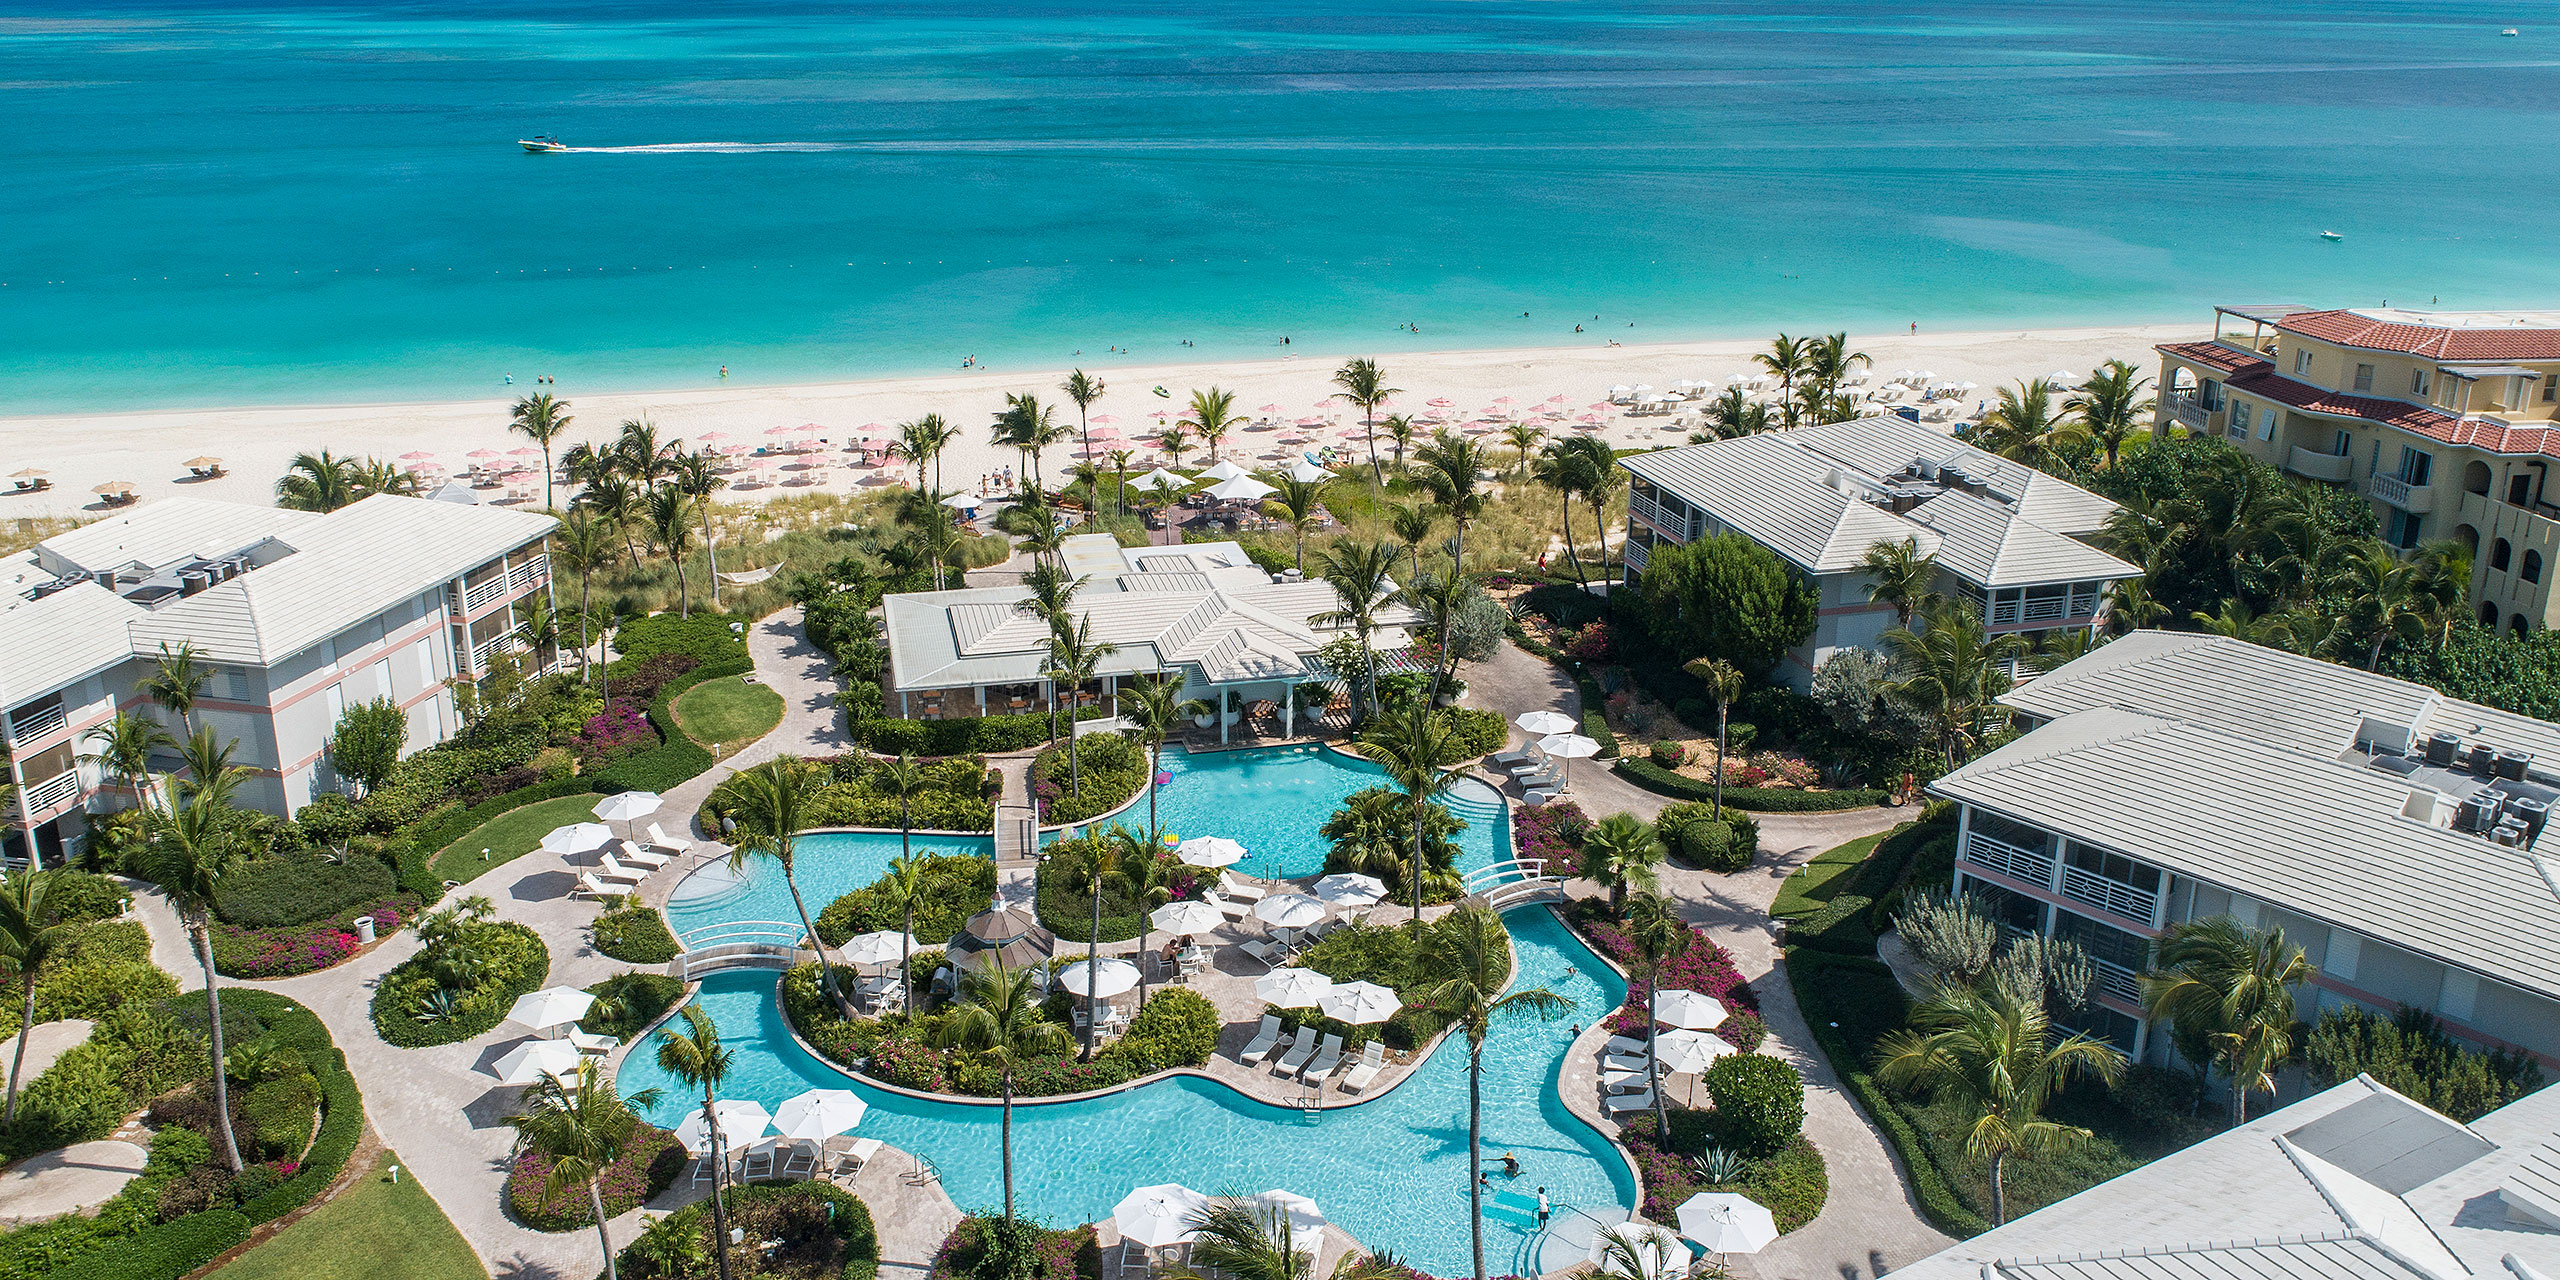 Ocean Club West; Courtesy of Ocean Club Resorts